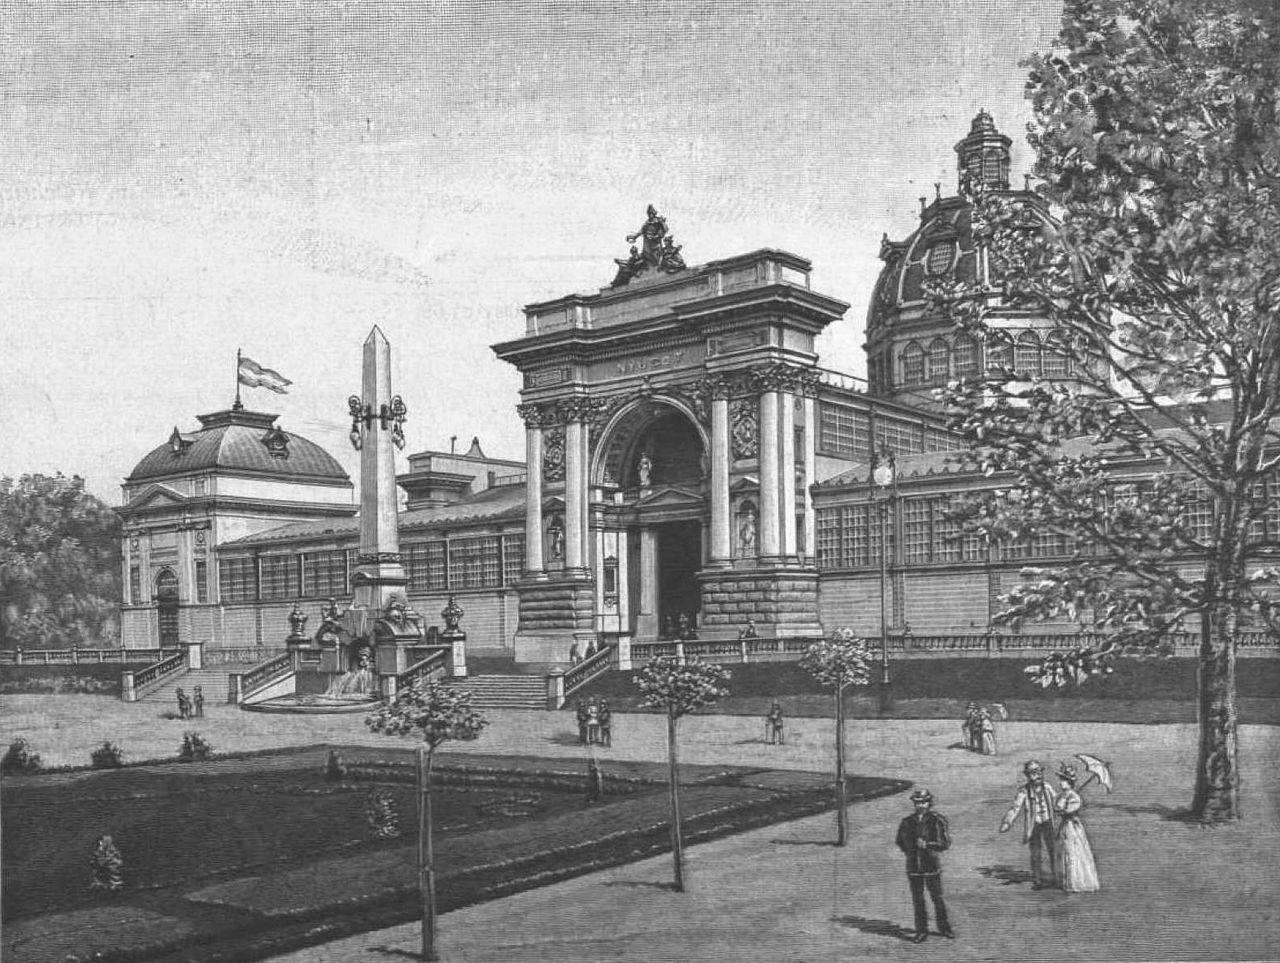 Az 1885-ös kiállításra épült Iparcsarnok